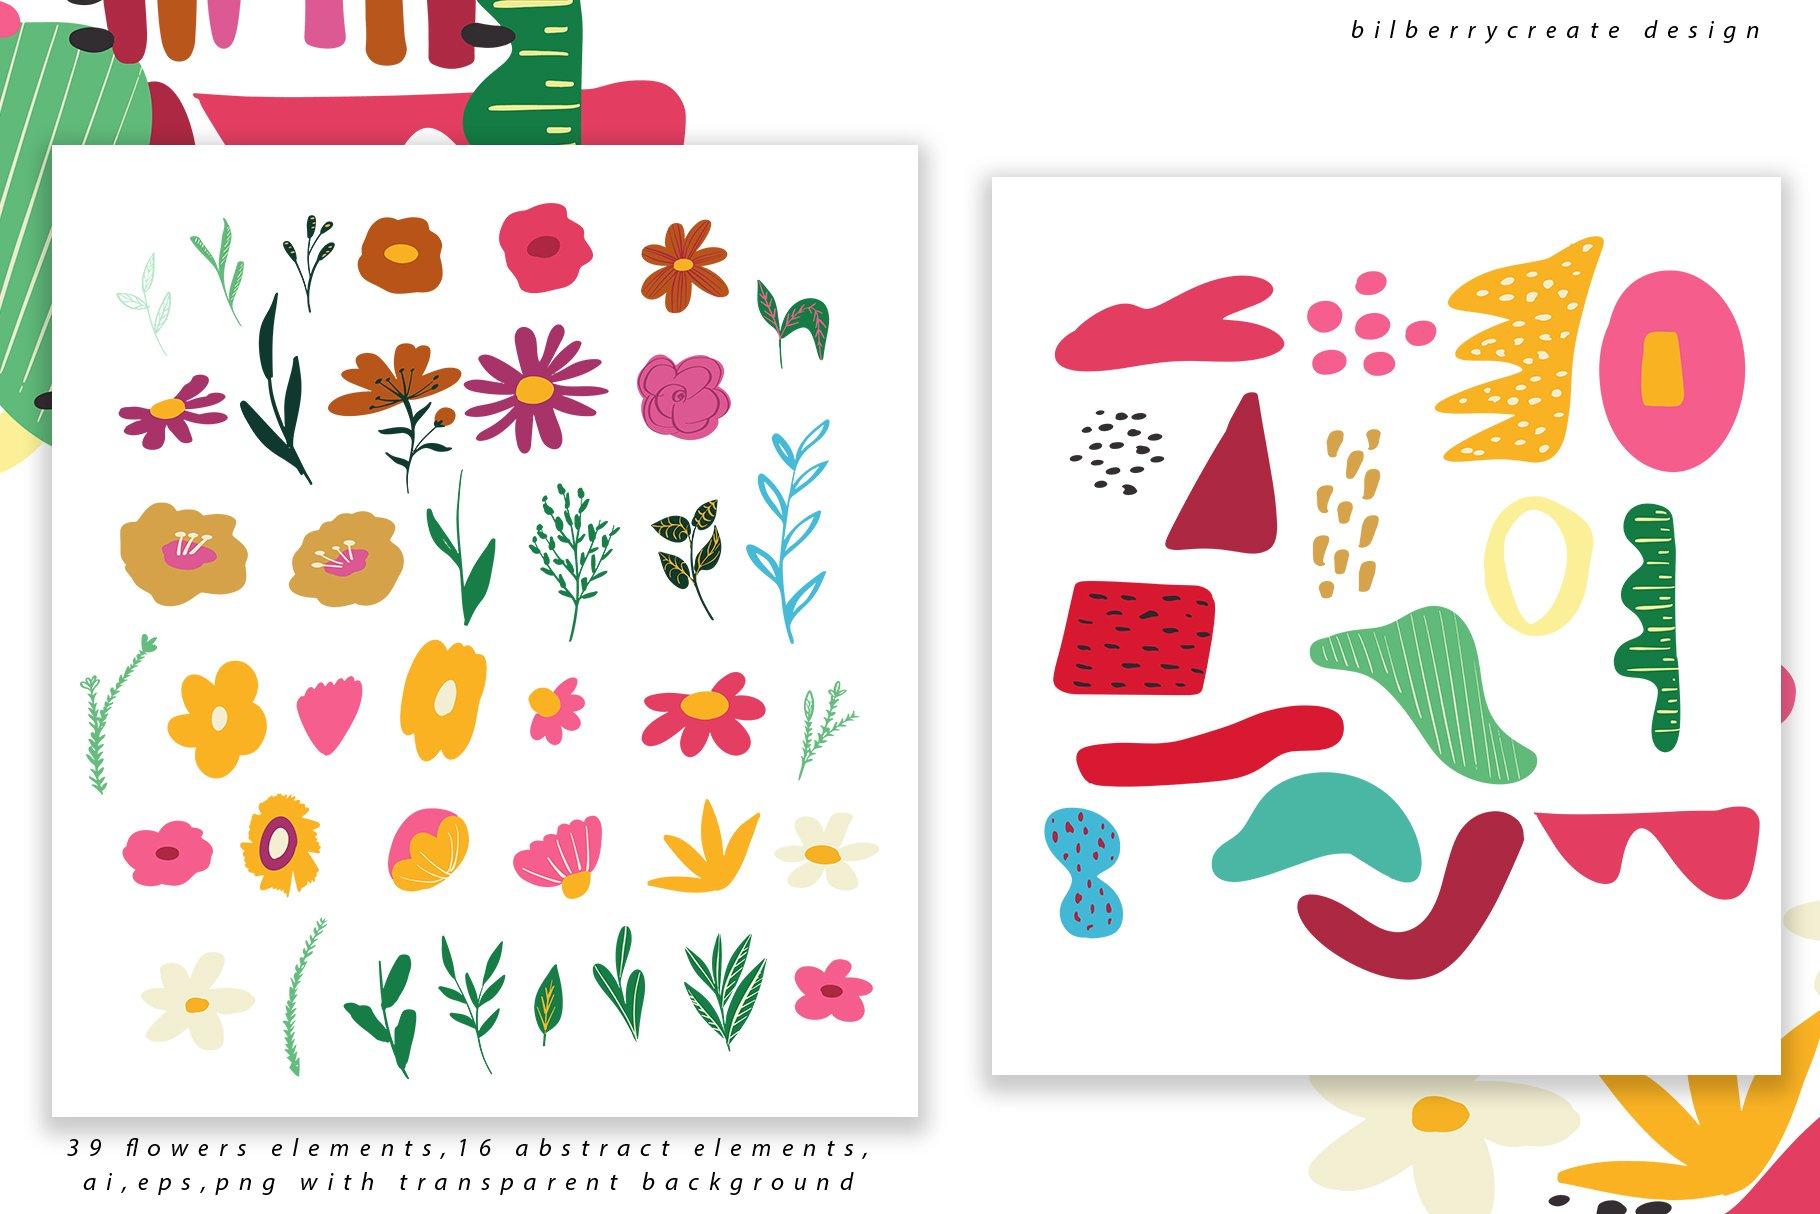 现代卡通抽象花卉彩虹元素矢量插图 Playful Naive Art Abstract插图(5)